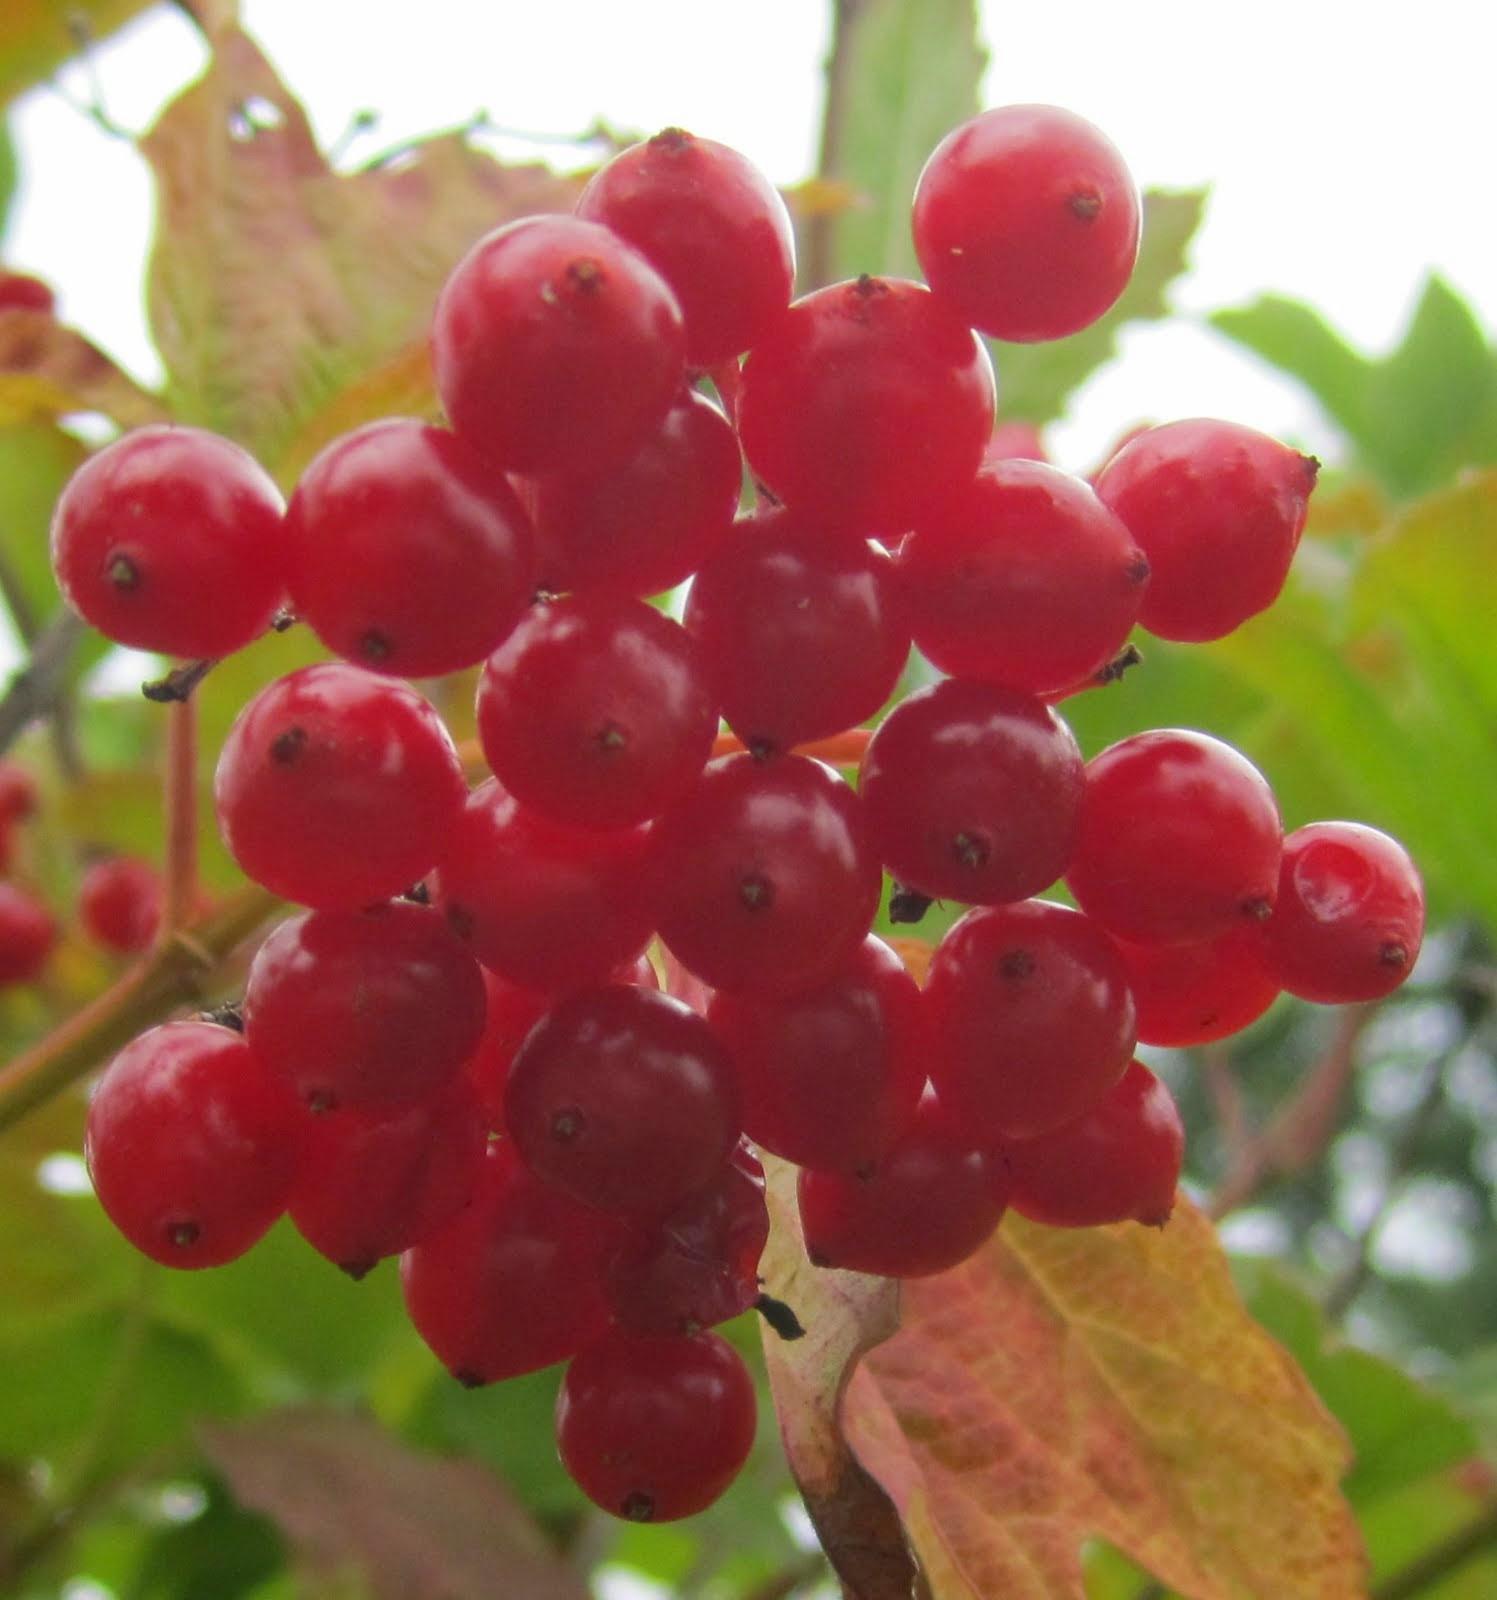 Crampbark berries